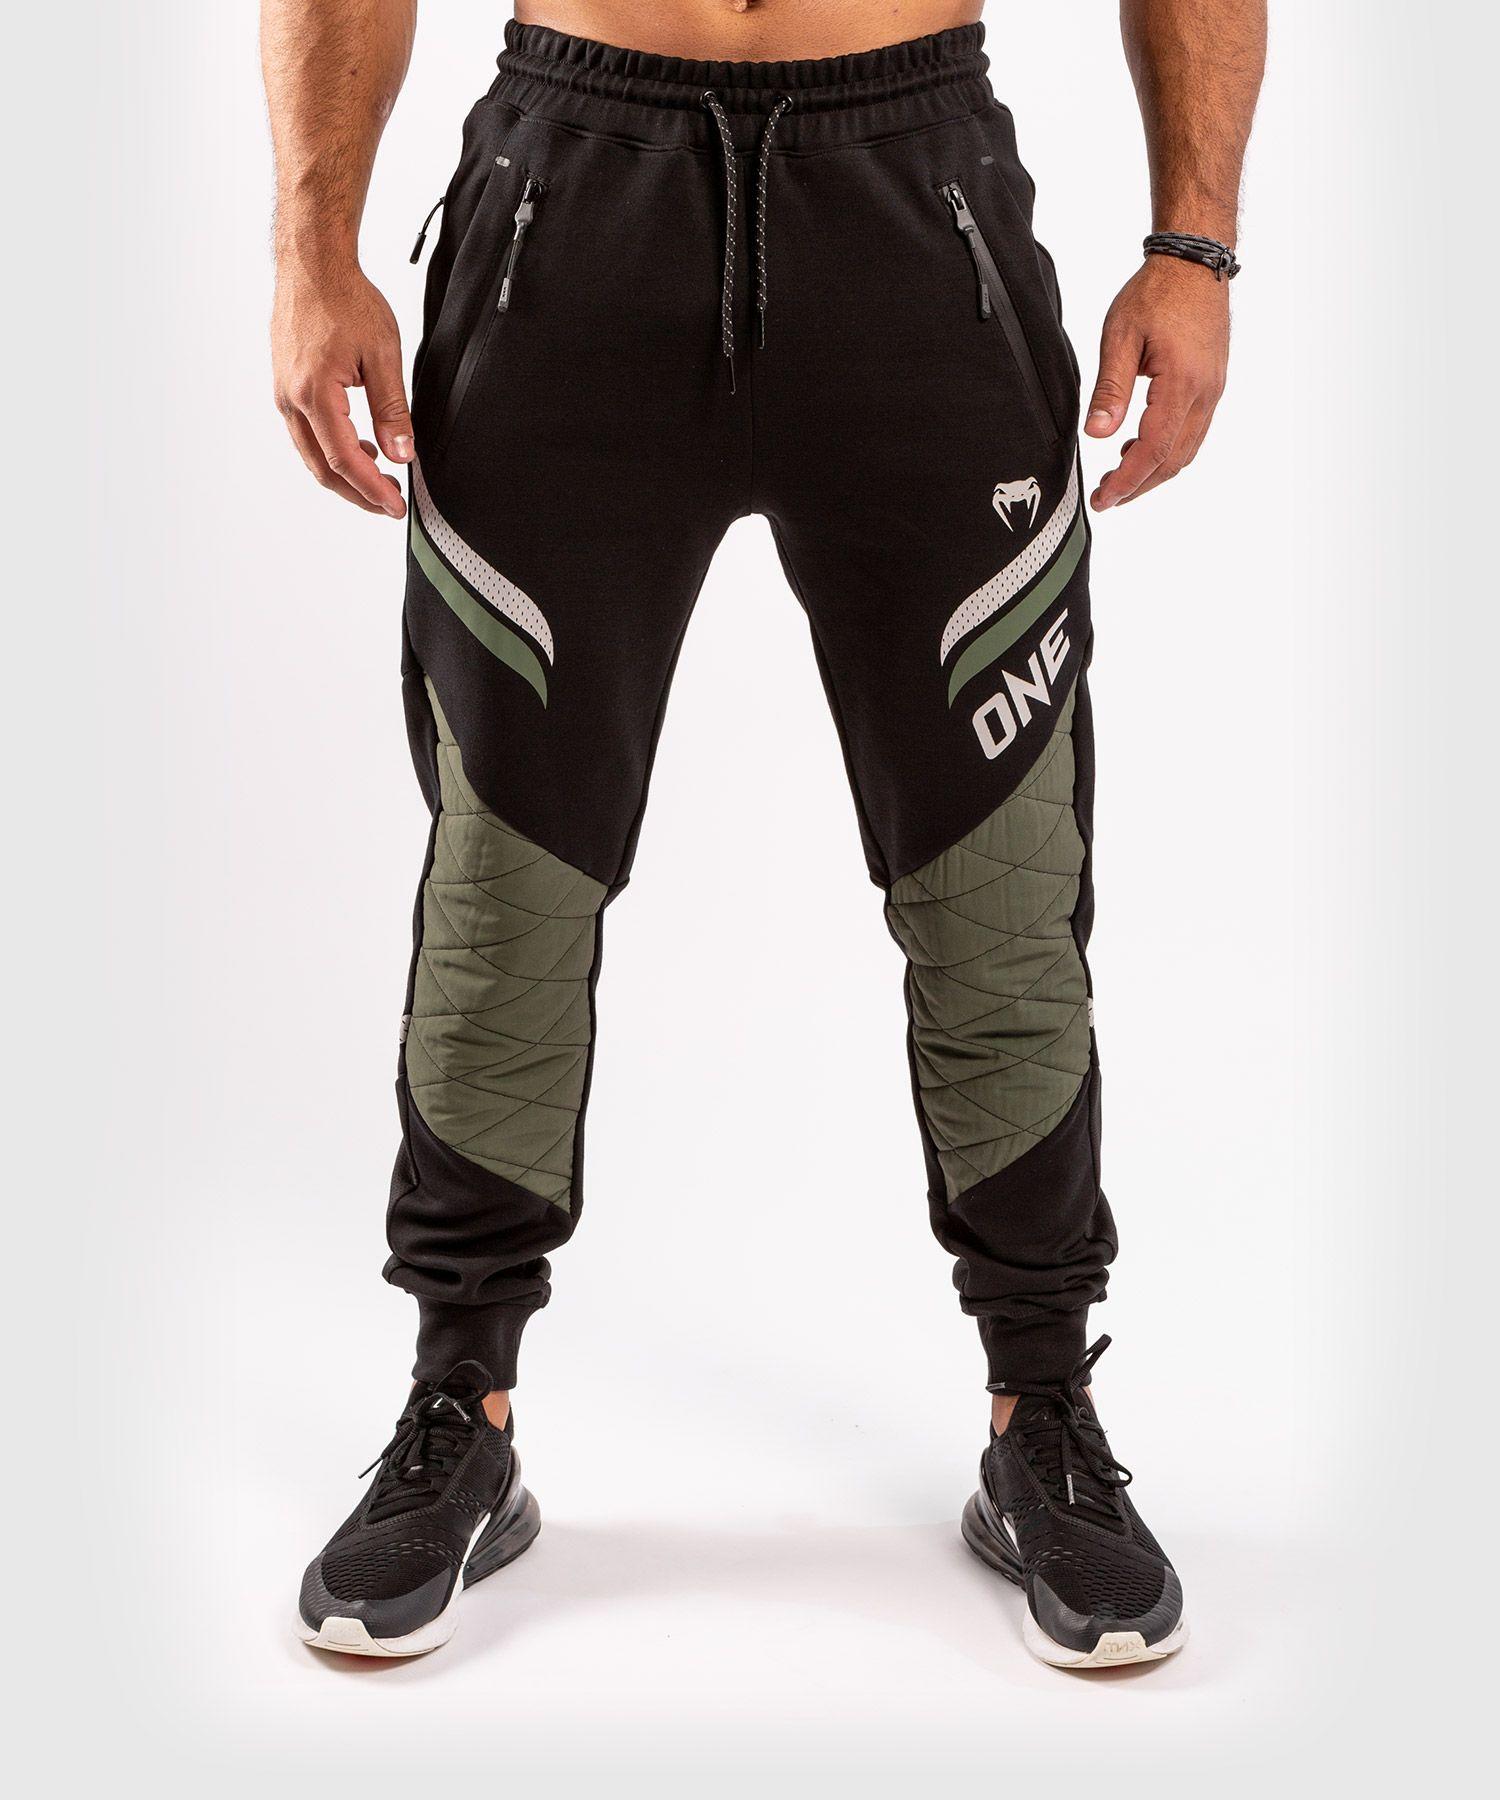 Pantaloni da jogging ONE FC Impact - Nero/Cachi